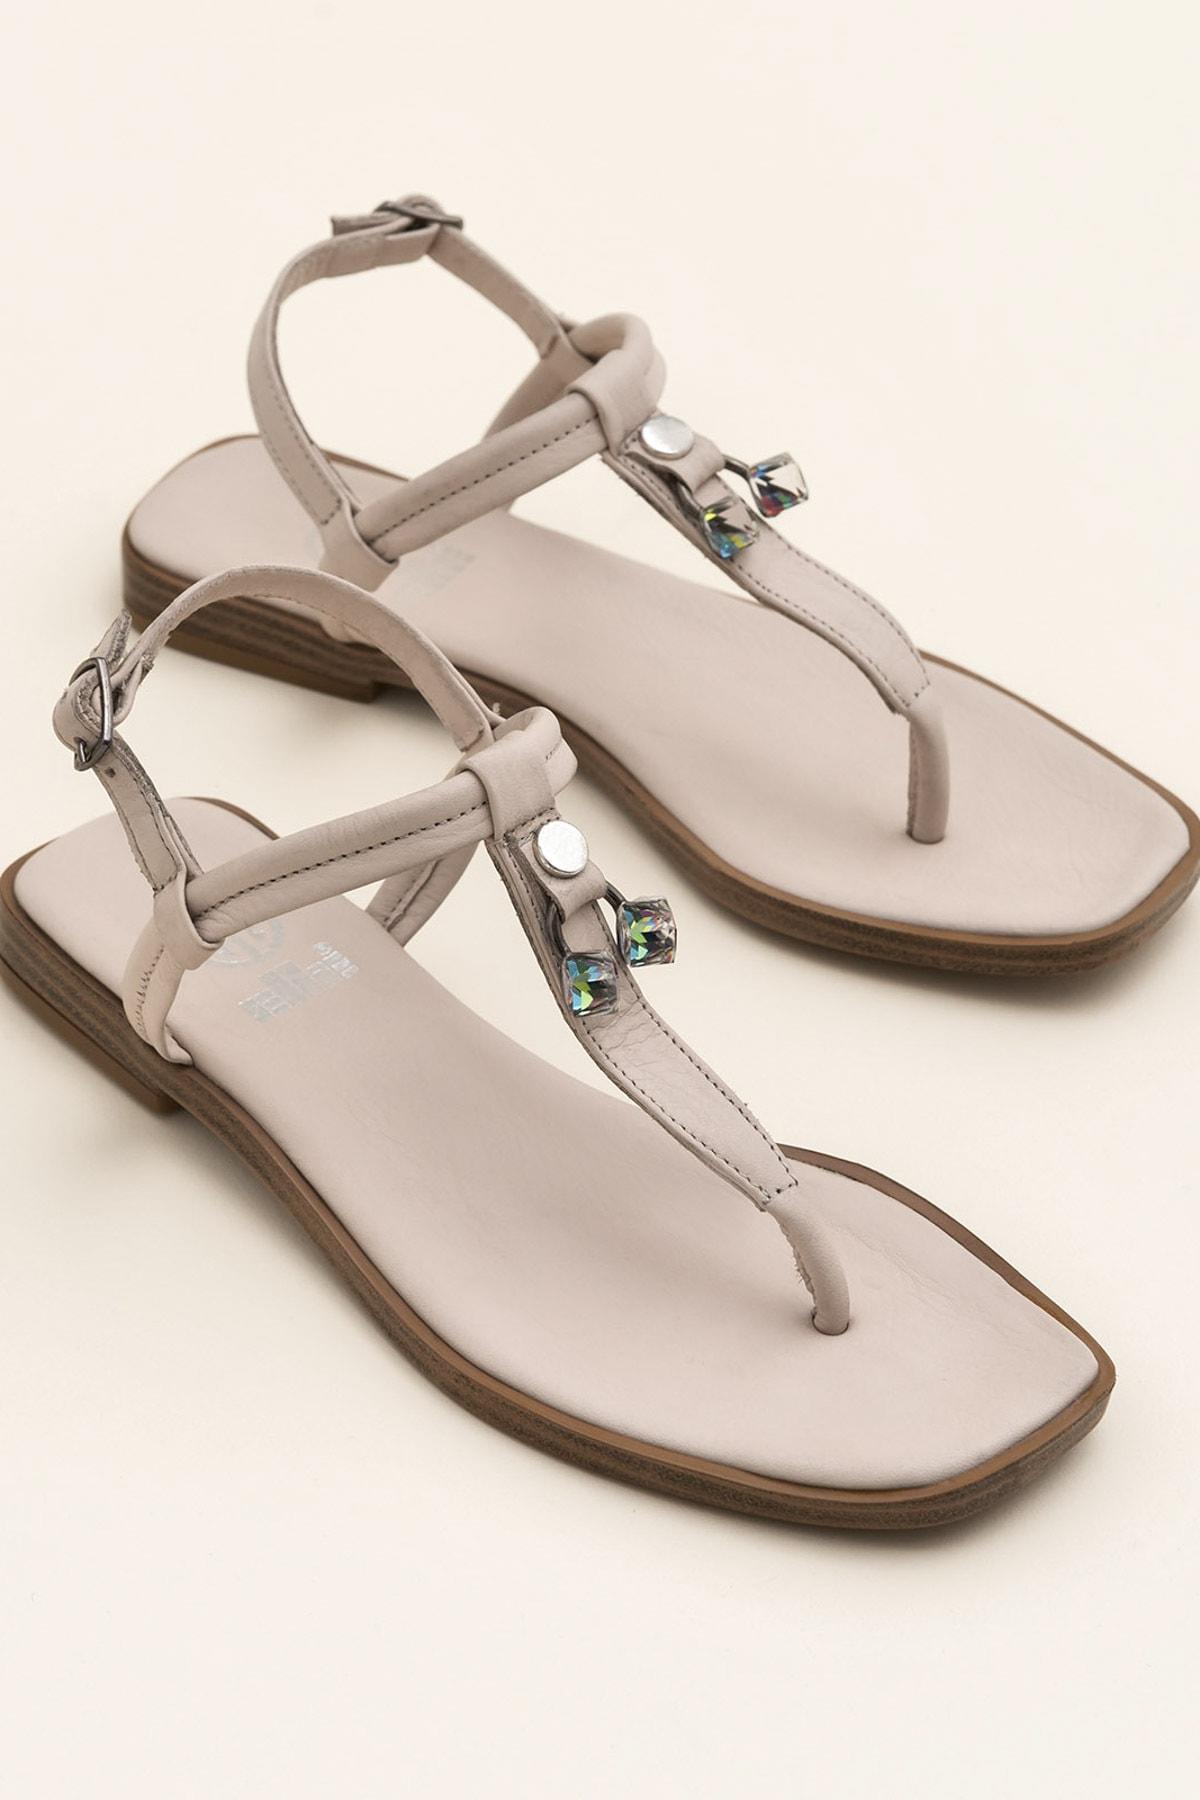 Elle Shoes DESPINA Bej Sandalet 20YEK3143732 1